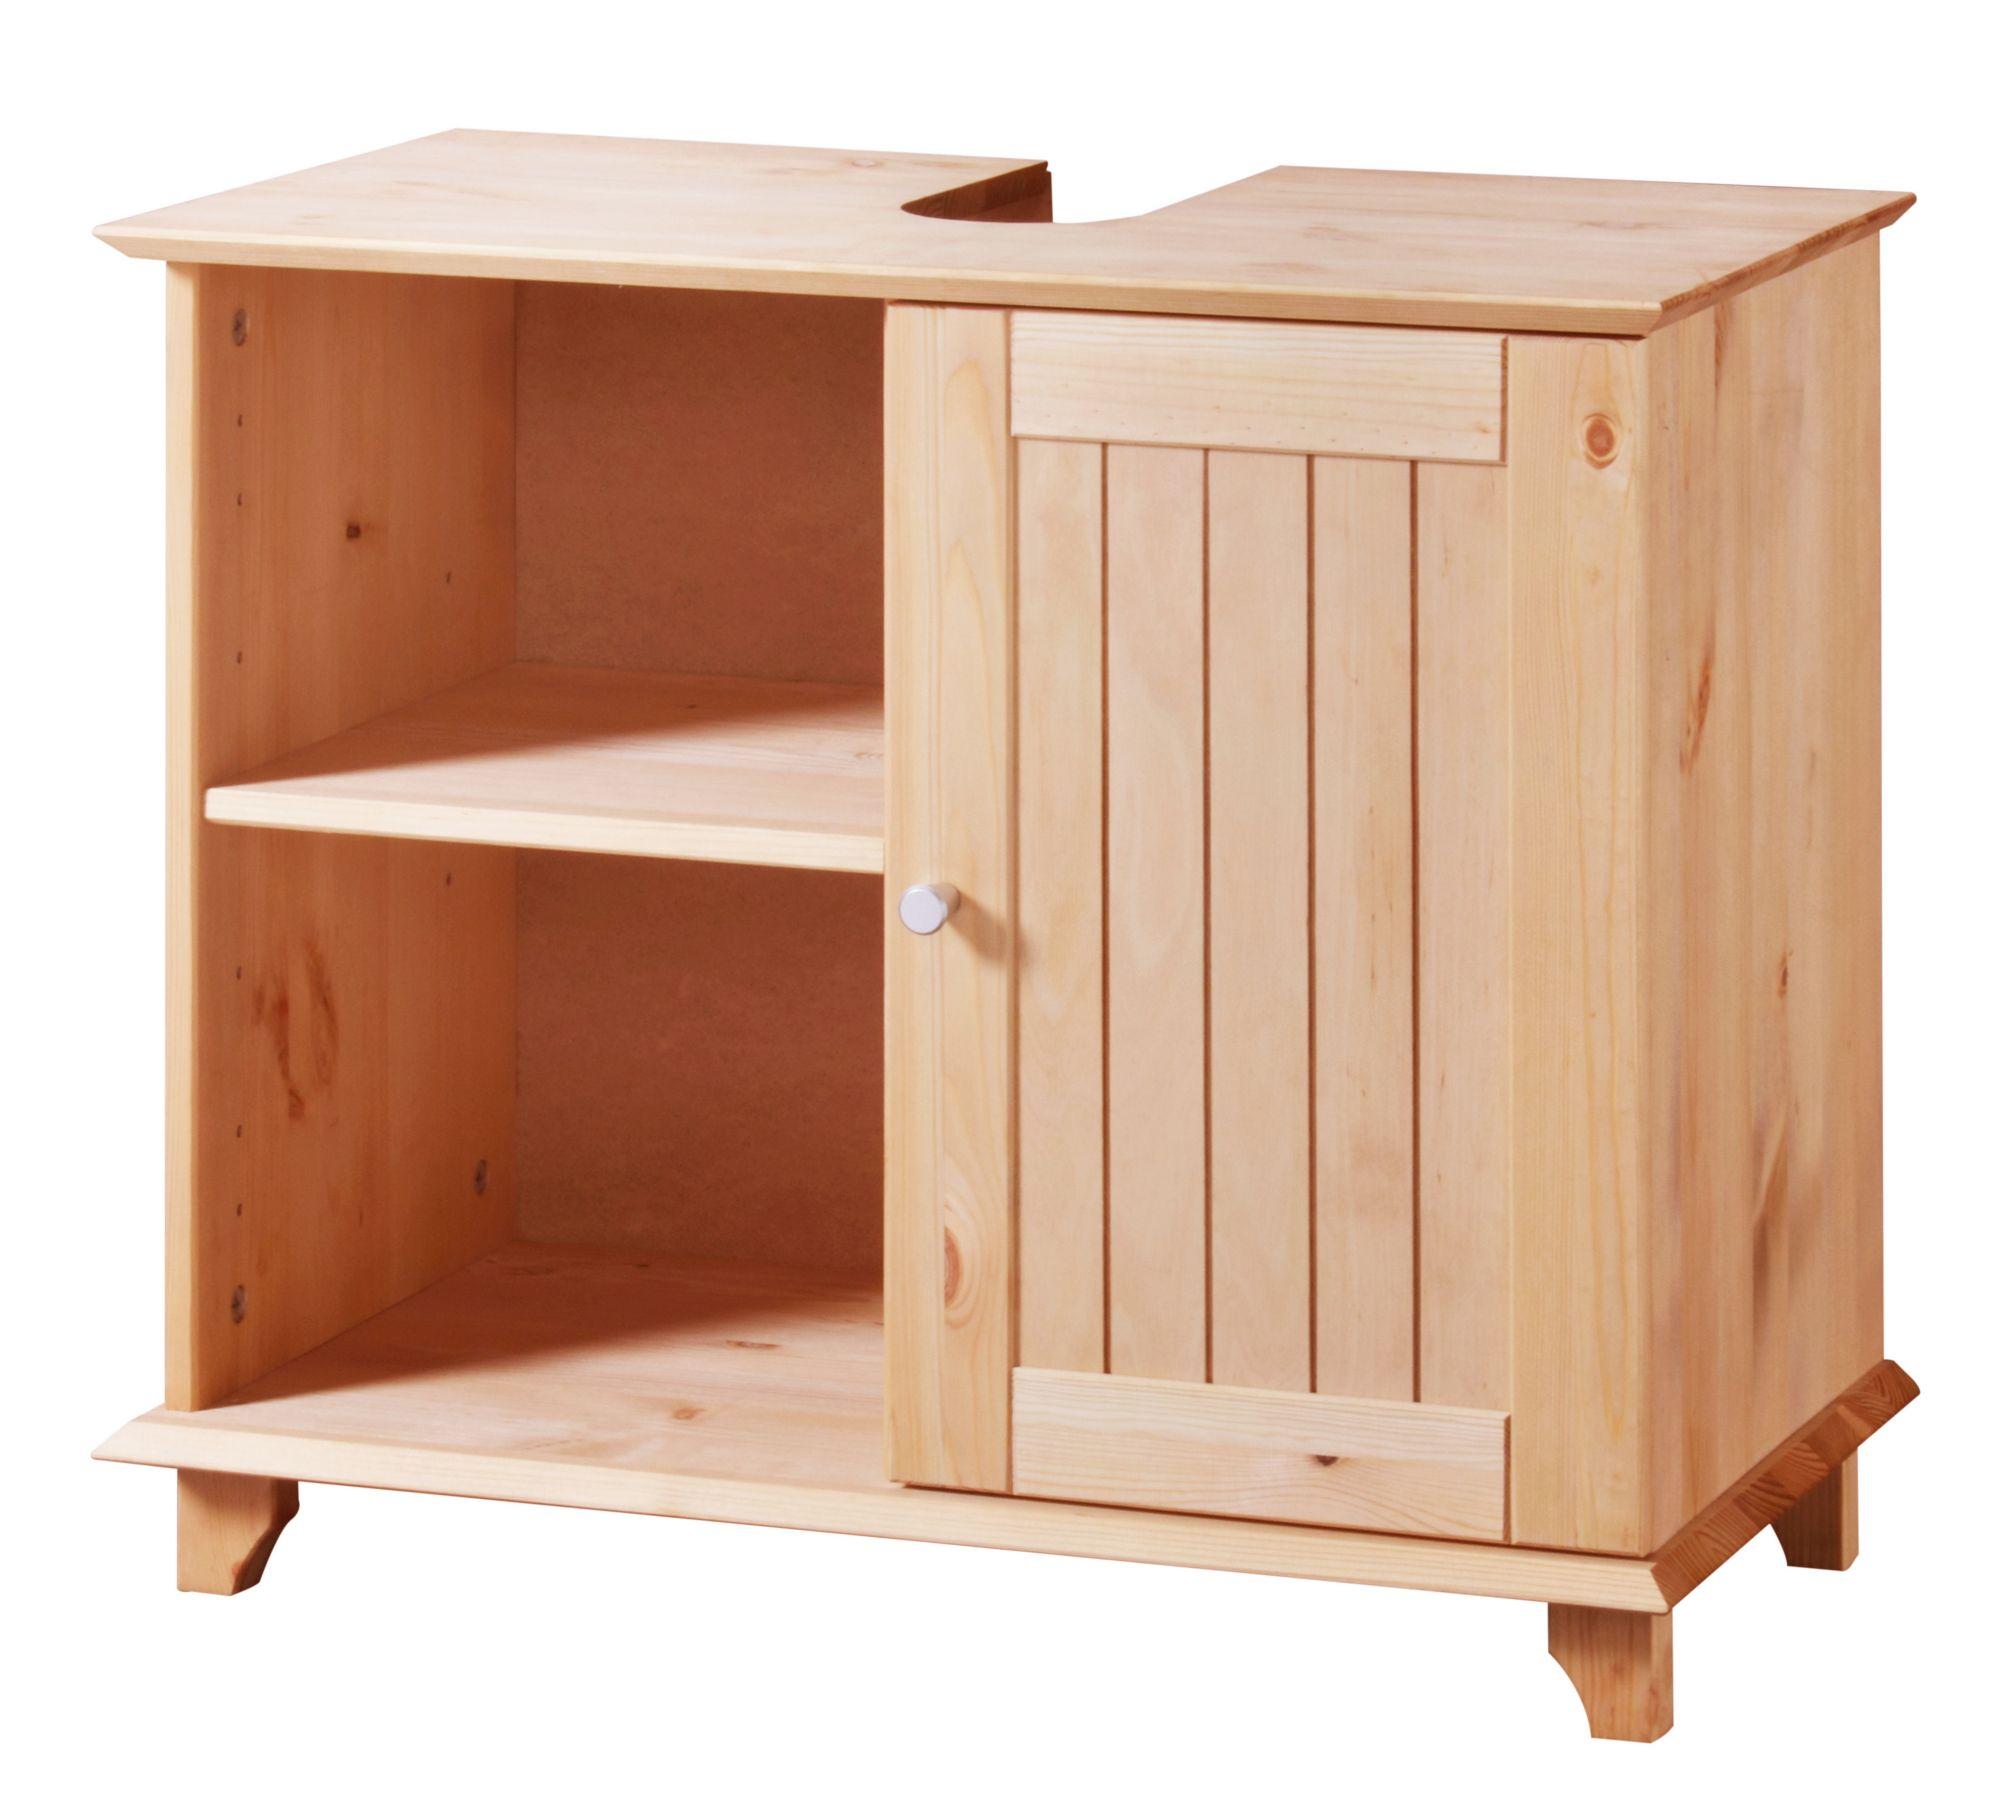 badezimmer im schwab online shop m bel r ume. Black Bedroom Furniture Sets. Home Design Ideas